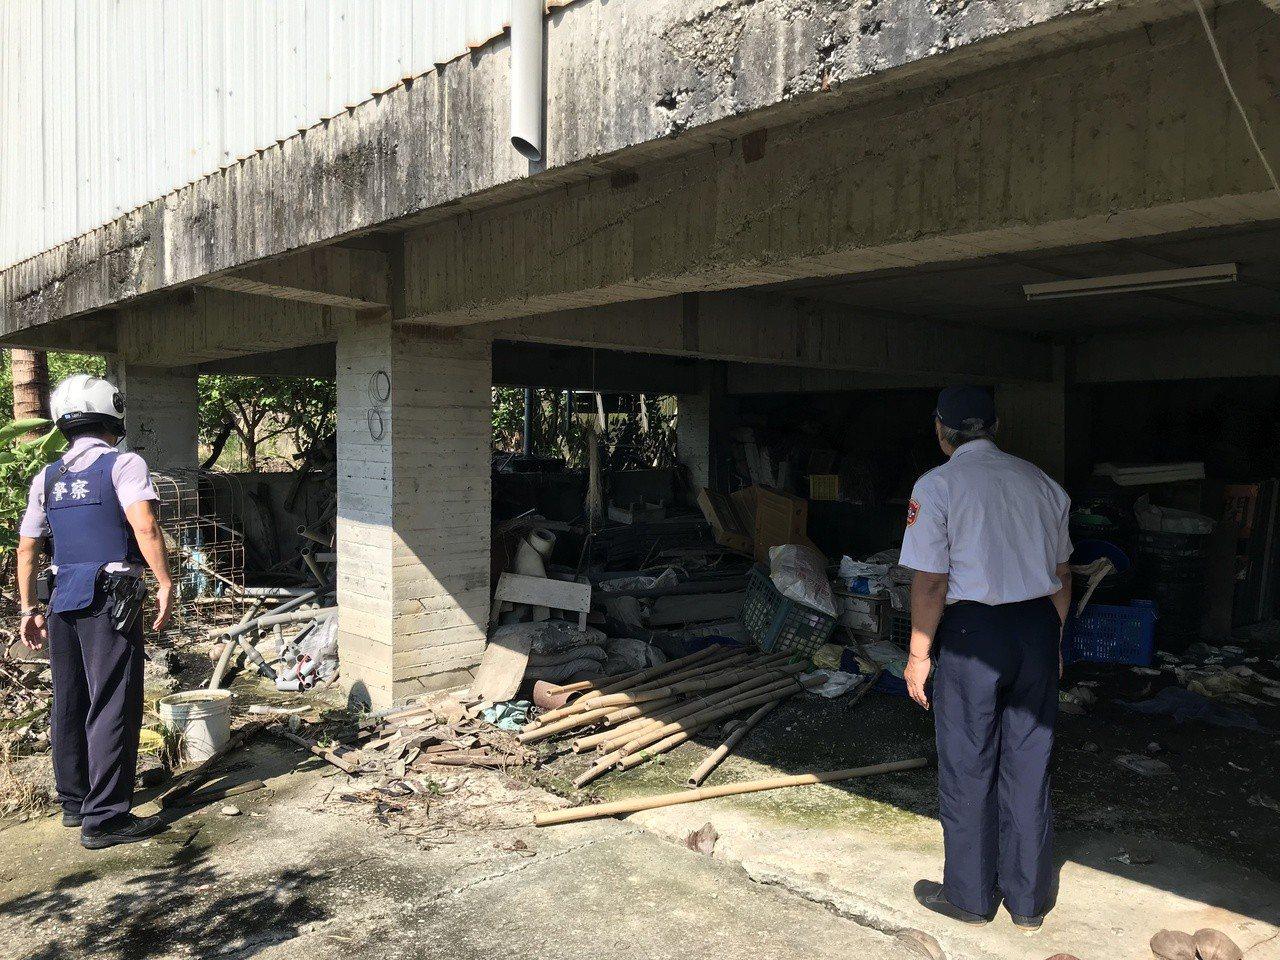 台南玉井警分局在芒果季後清查山區的空屋、工寮,預防有不法勾當。圖/玉井警分局提供